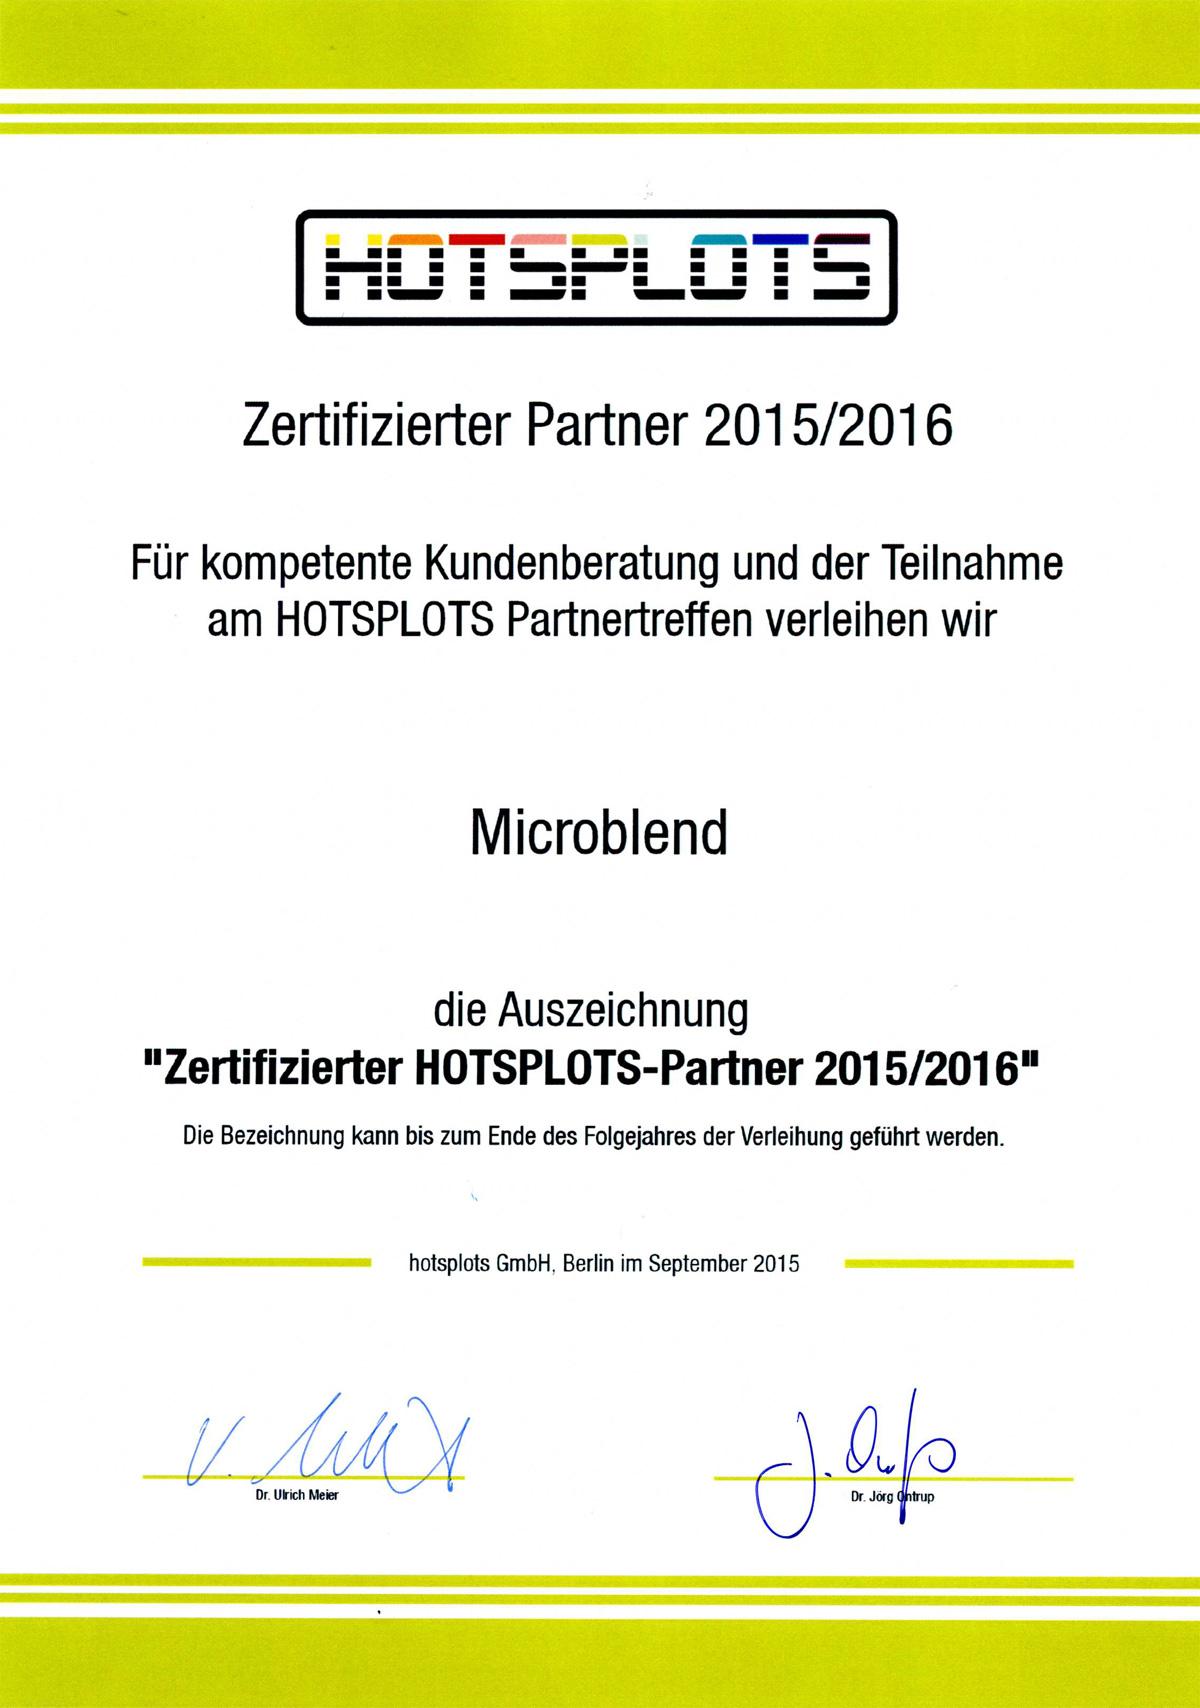 Ausgezeichnet: Hotsplots Zertifizierung